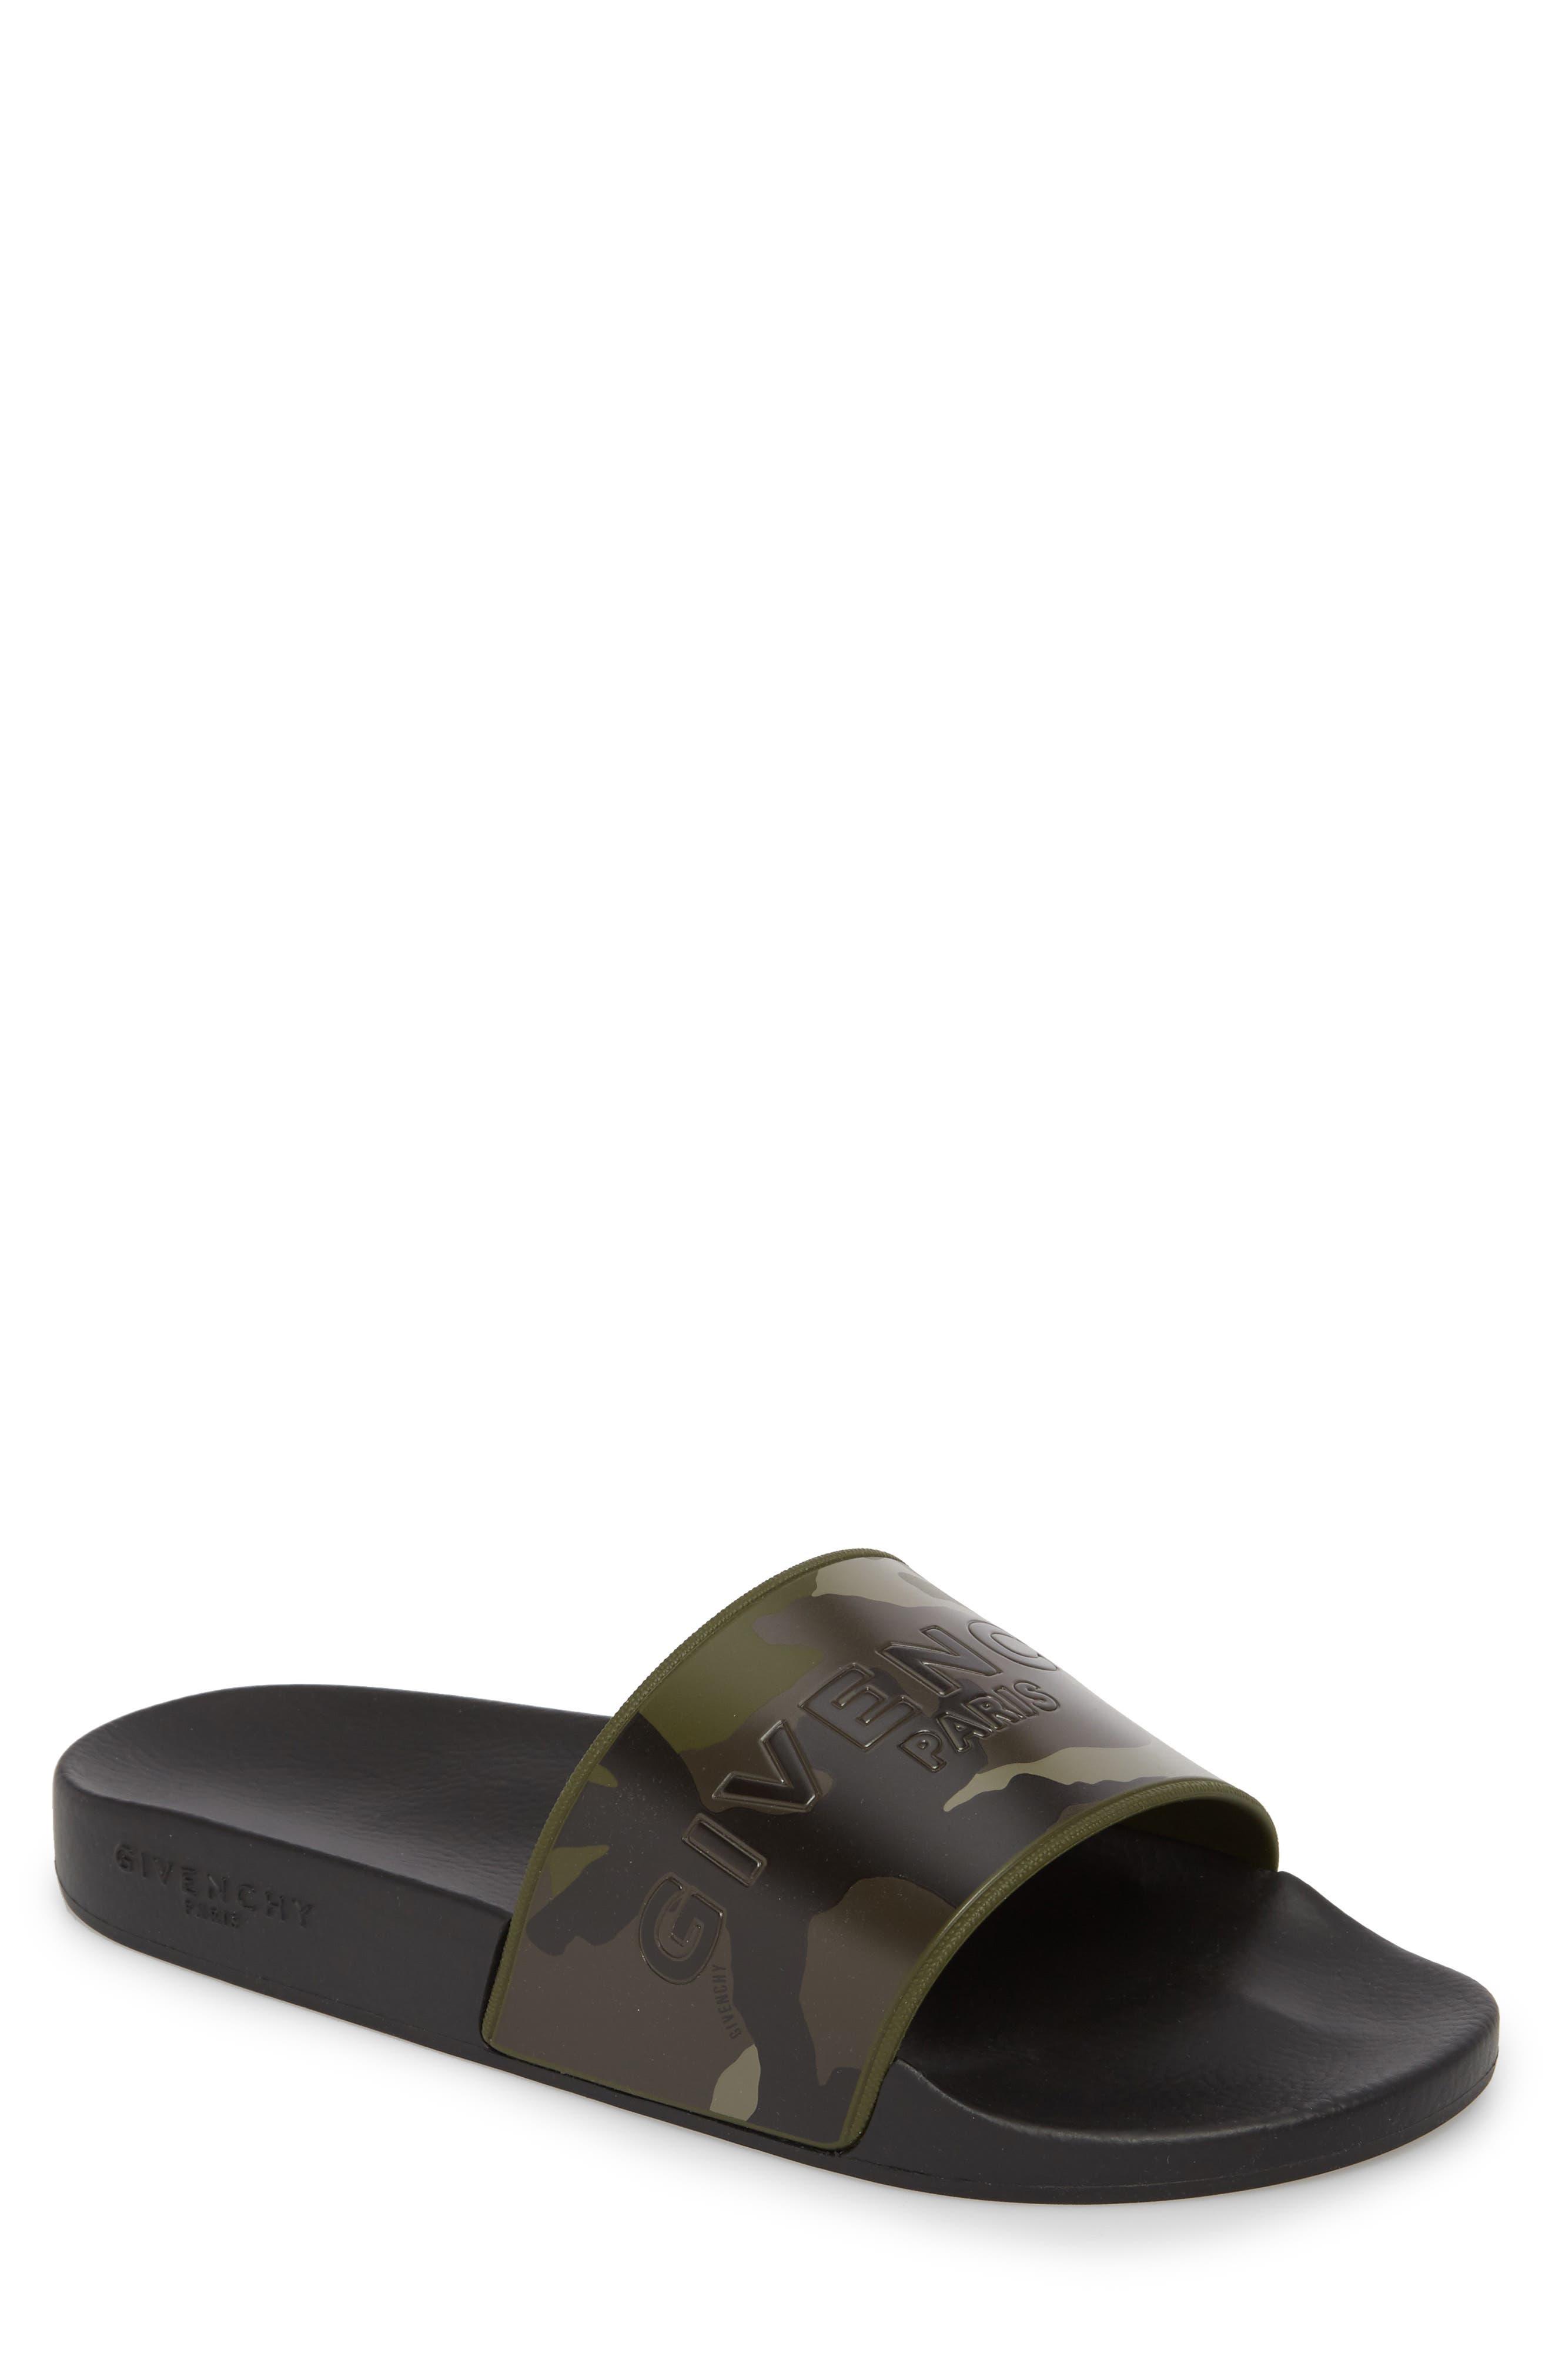 Camo Logo Pool Sandal,                             Main thumbnail 1, color,                             Black/ Khaki